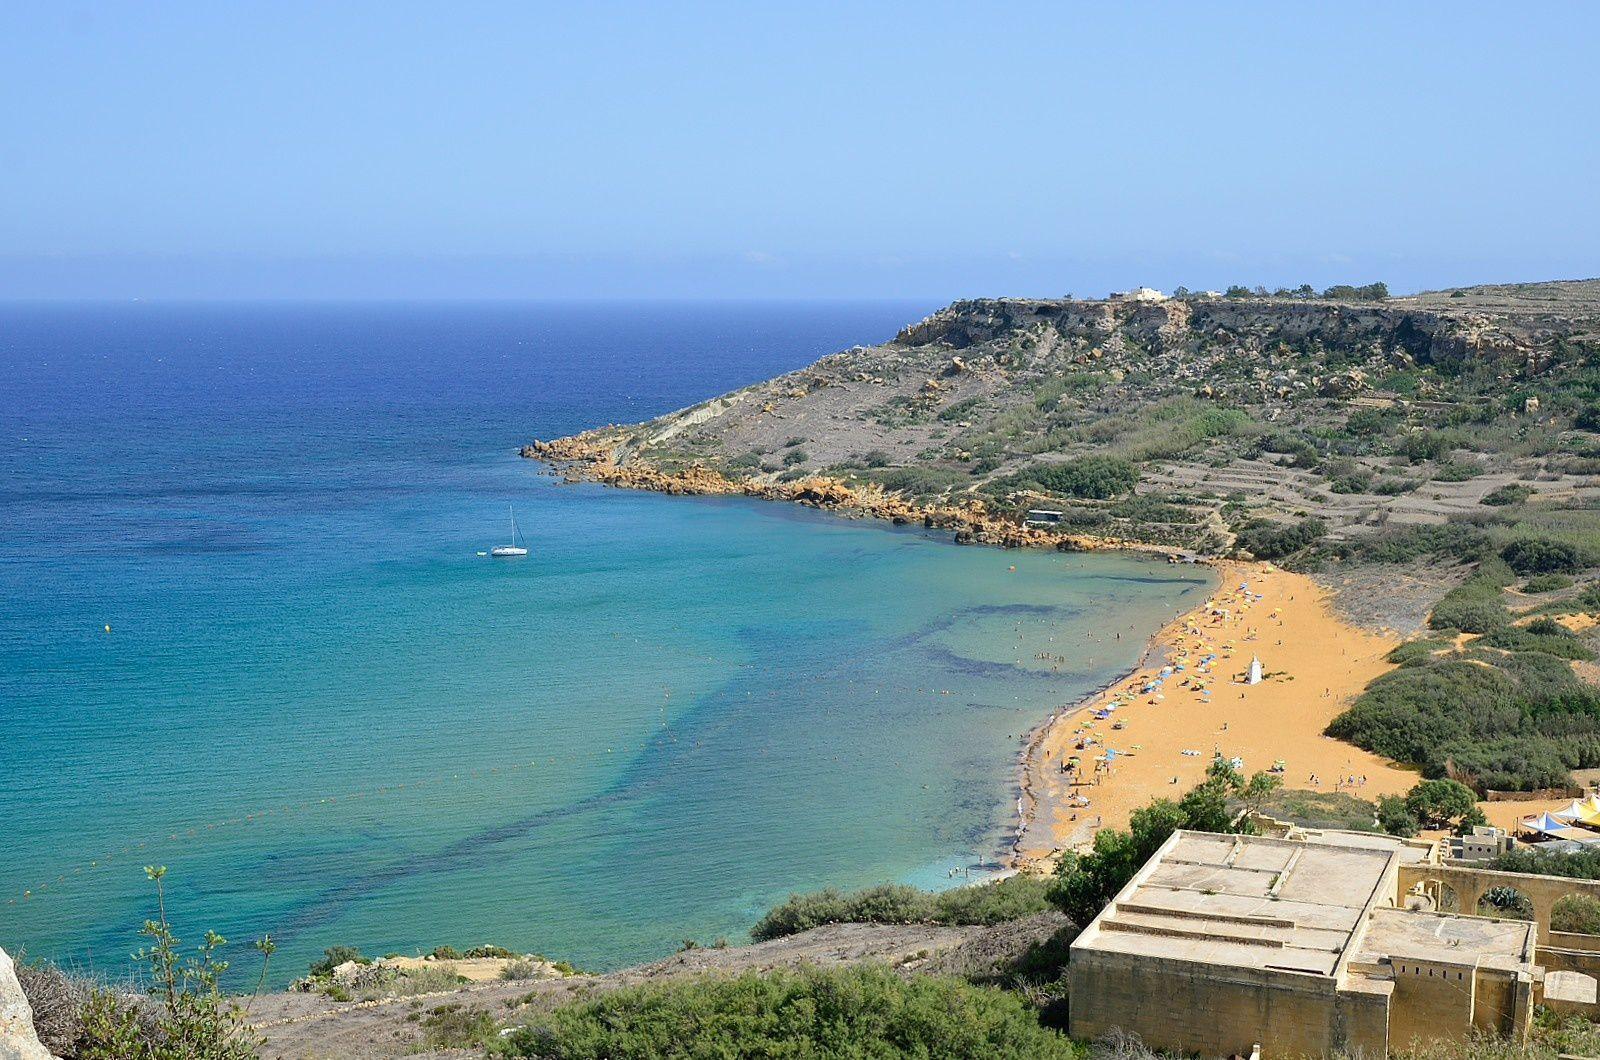 La plage de Ir-Ramla